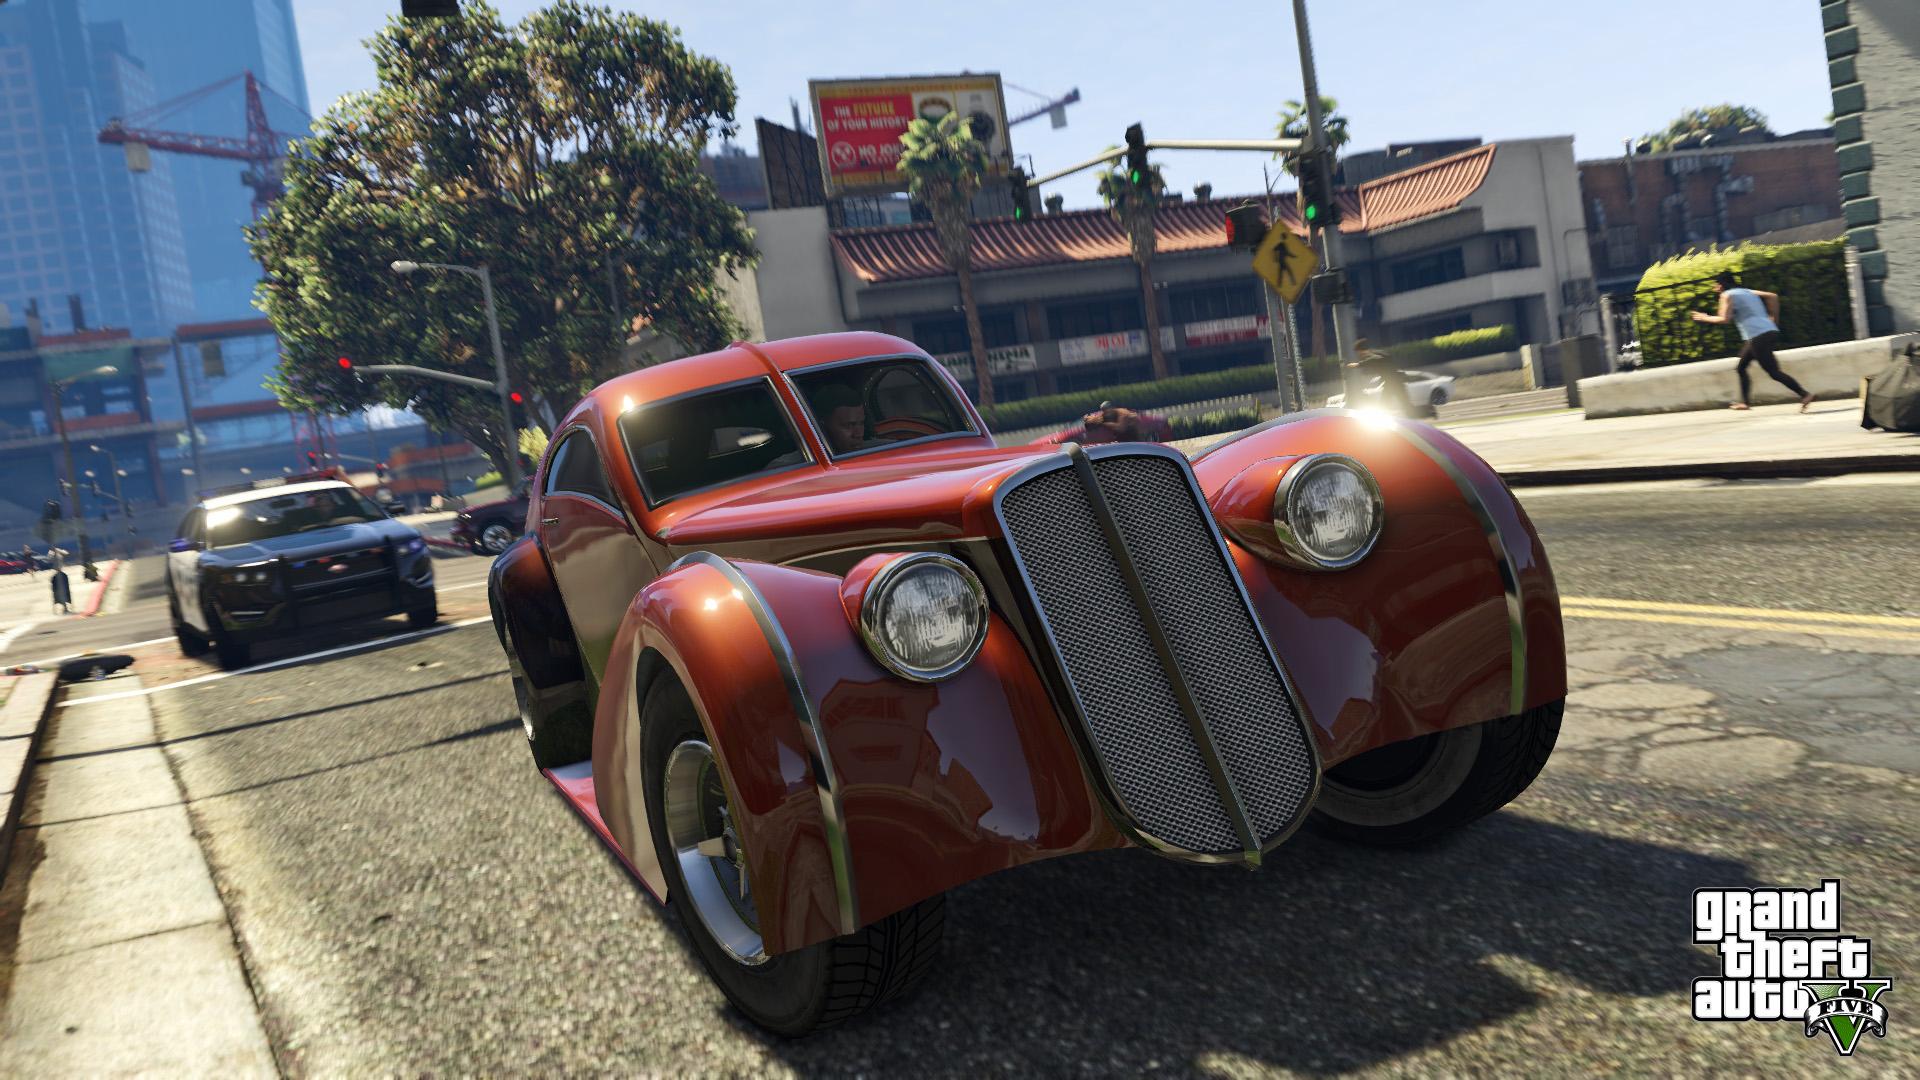 Wallpaper Video Games Grand Theft Auto V Car Grand